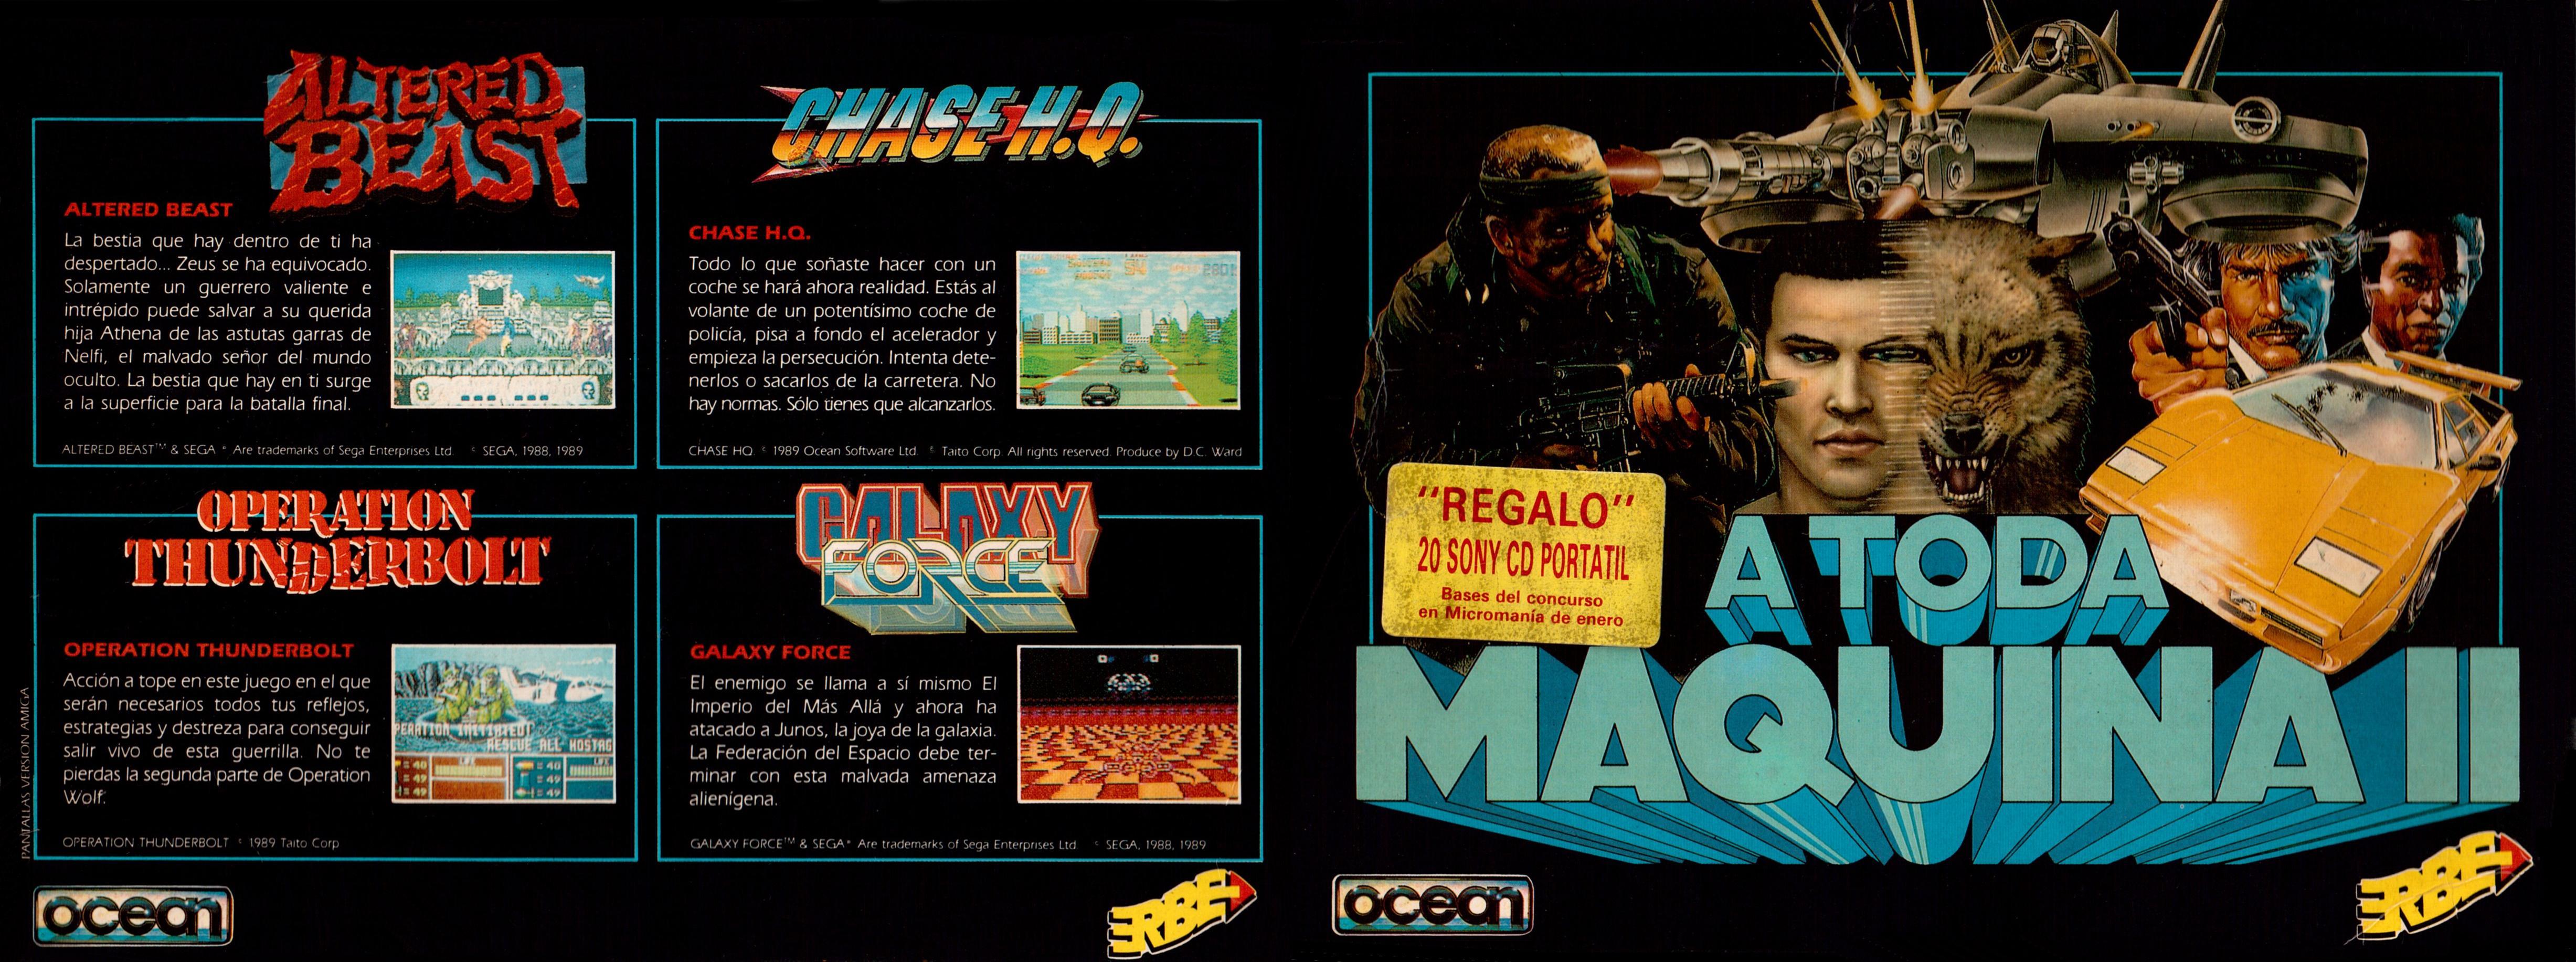 """Este pack lo tuve idéntico en Commodore64 (pero tengas el de Spectrum, CPC o c64, si hacéis zoom, veréis que las pantallas eran """"versión Amiga"""")"""